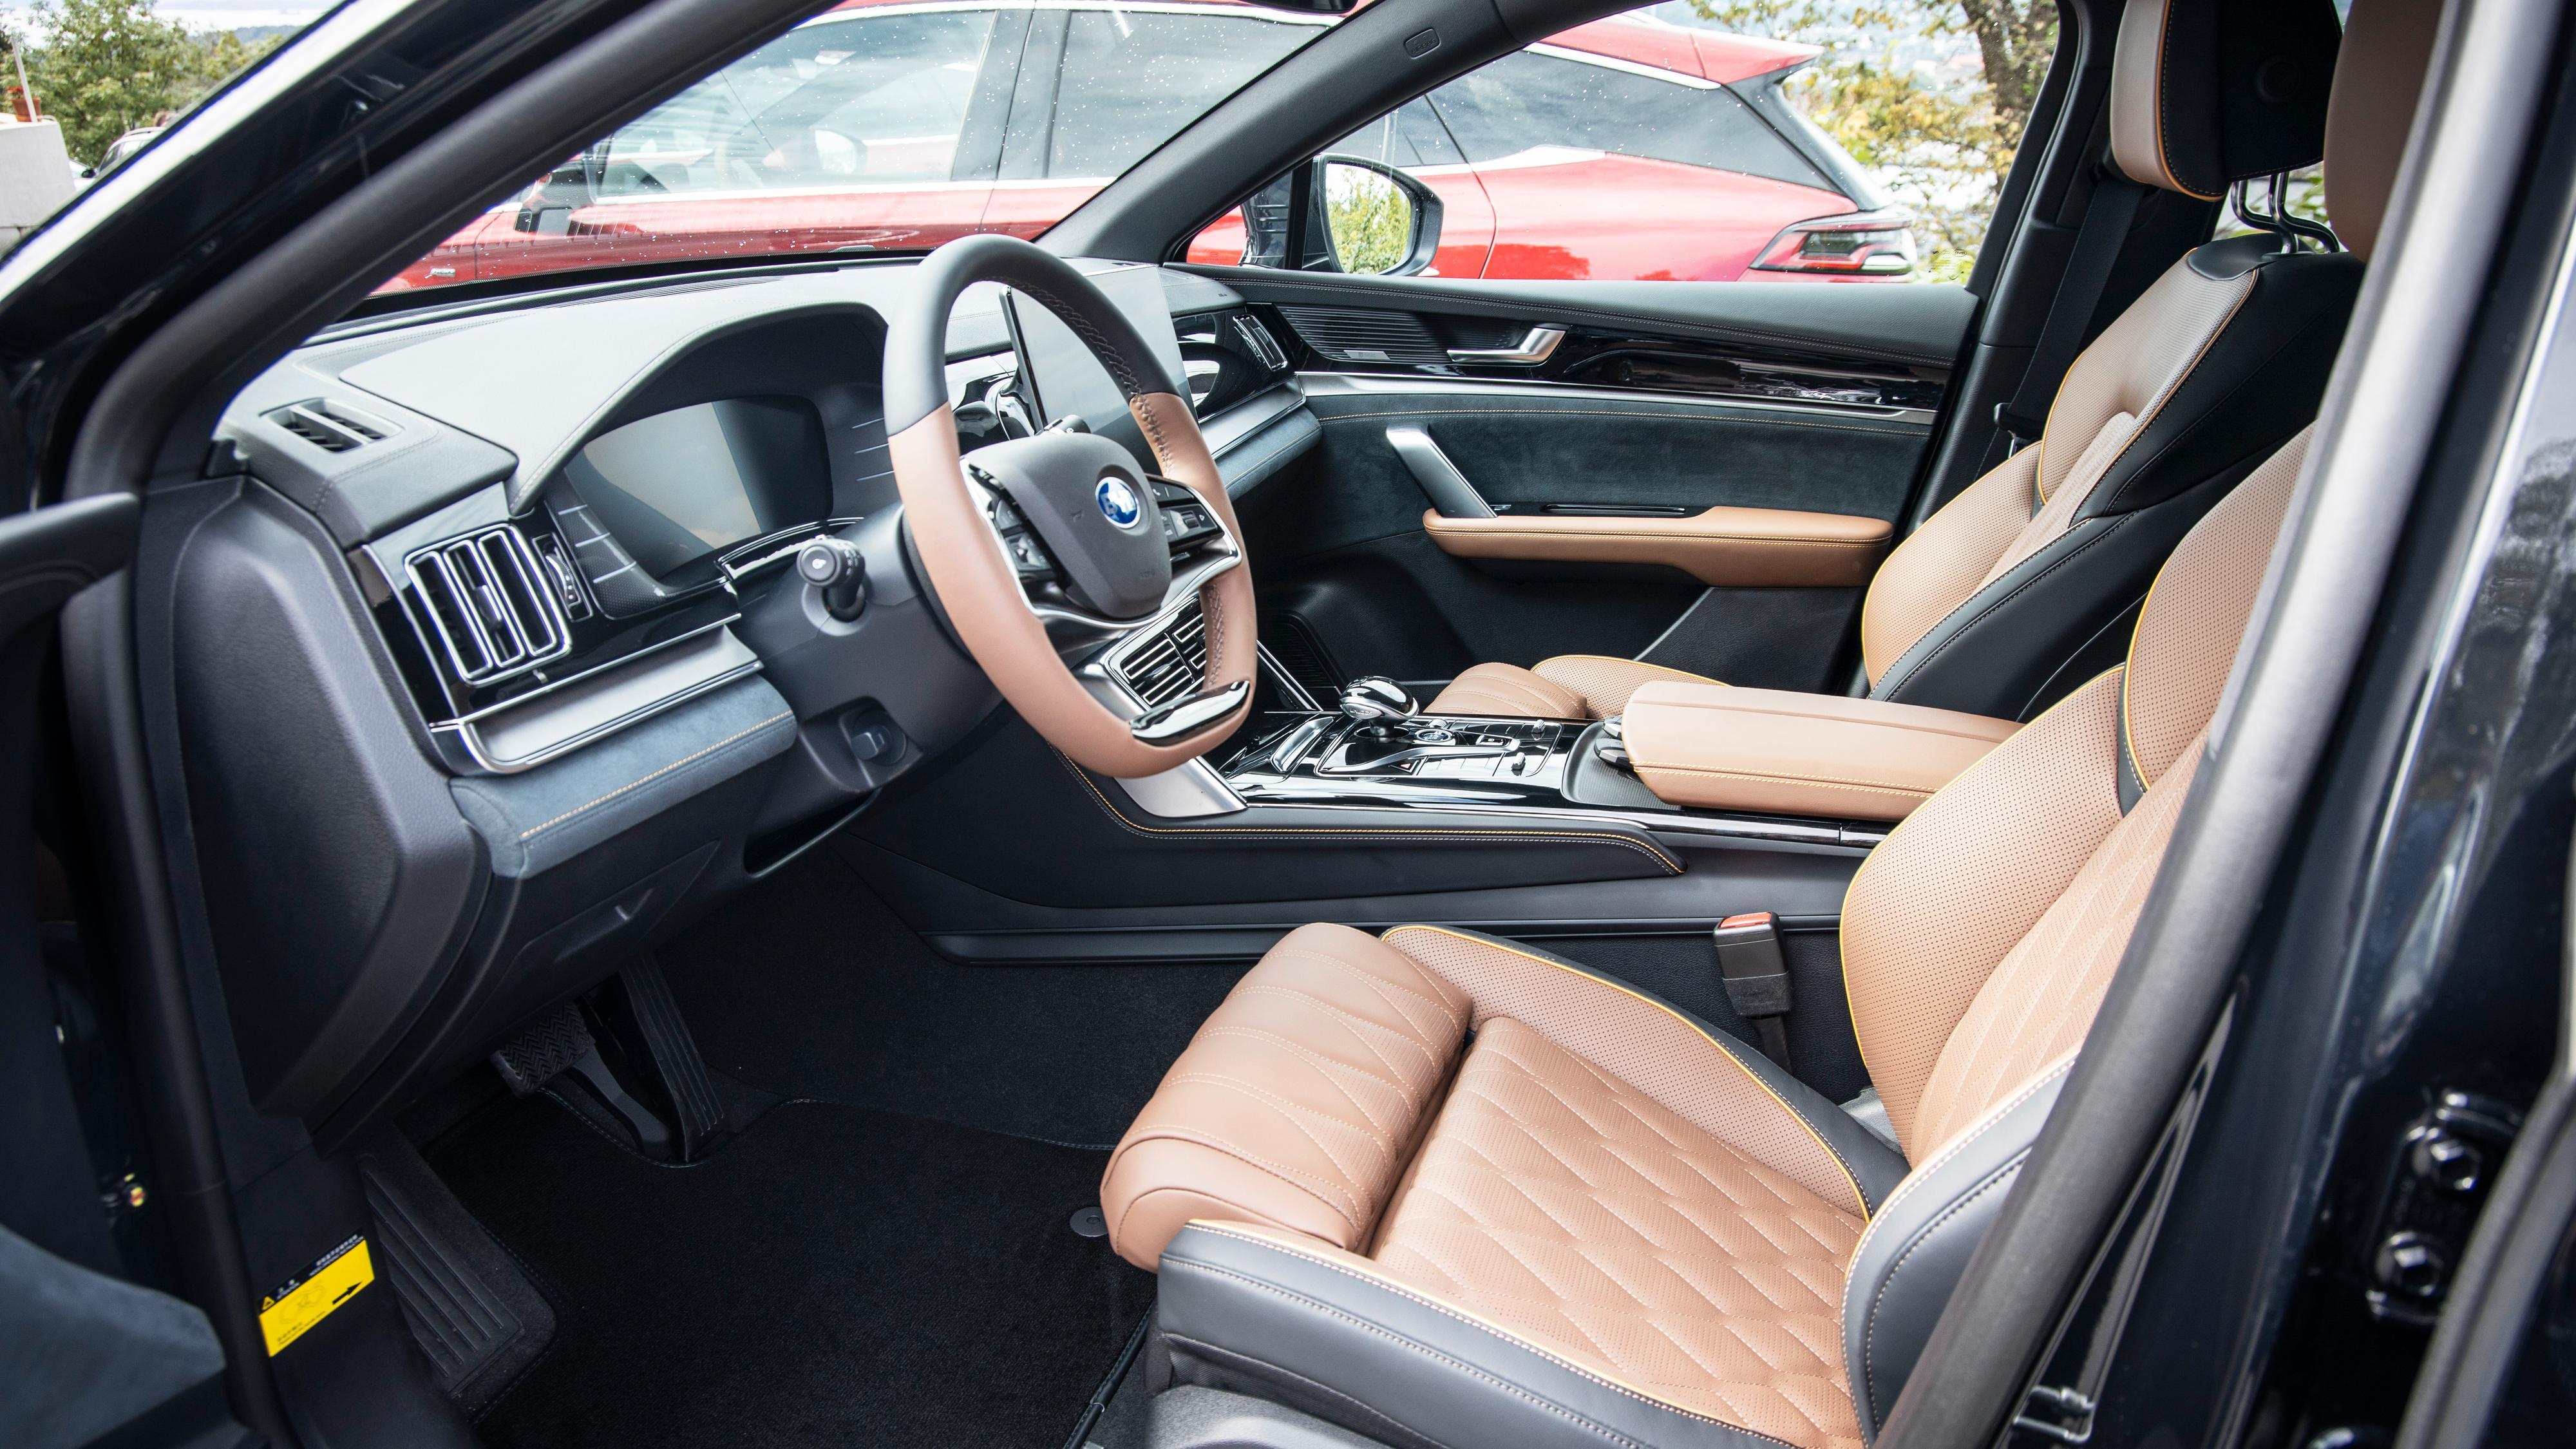 Innvendig er Tang en påkostet bil, med elektriske skinnseter, alcantaradetaljer og andre myke flater de fleste steder.